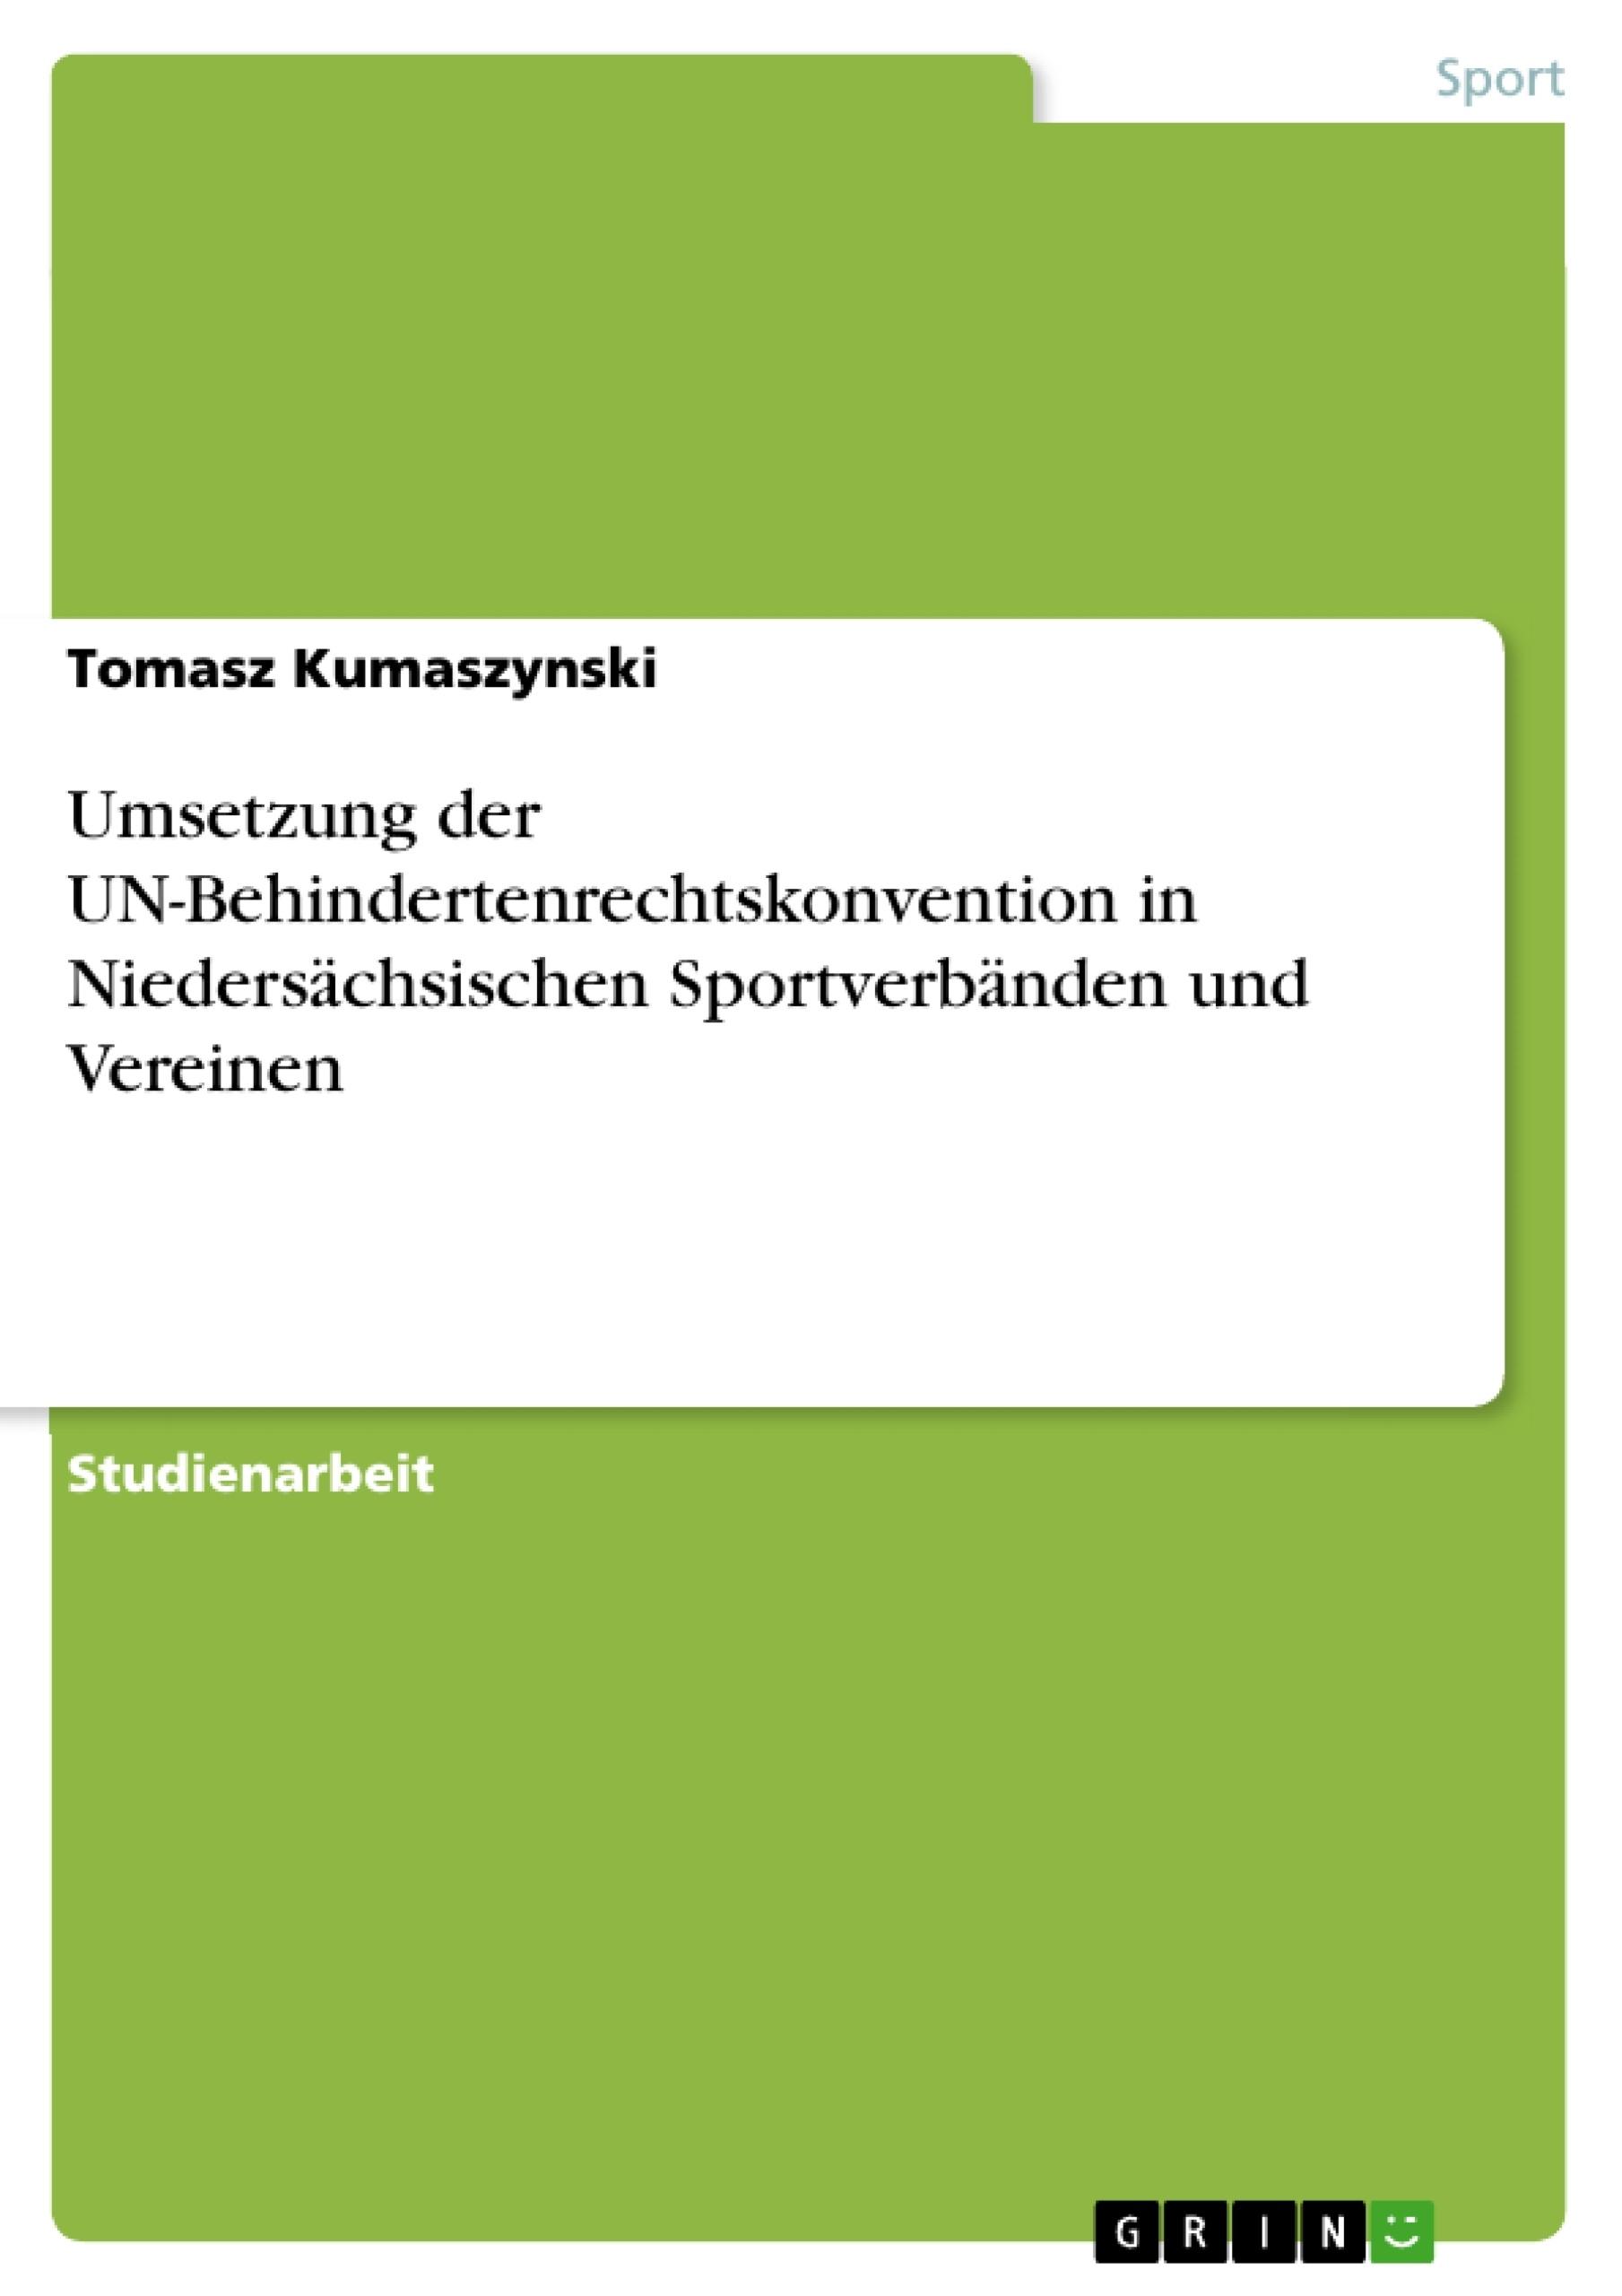 Titel: Umsetzung der UN-Behindertenrechtskonvention in Niedersächsischen Sportverbänden und Vereinen